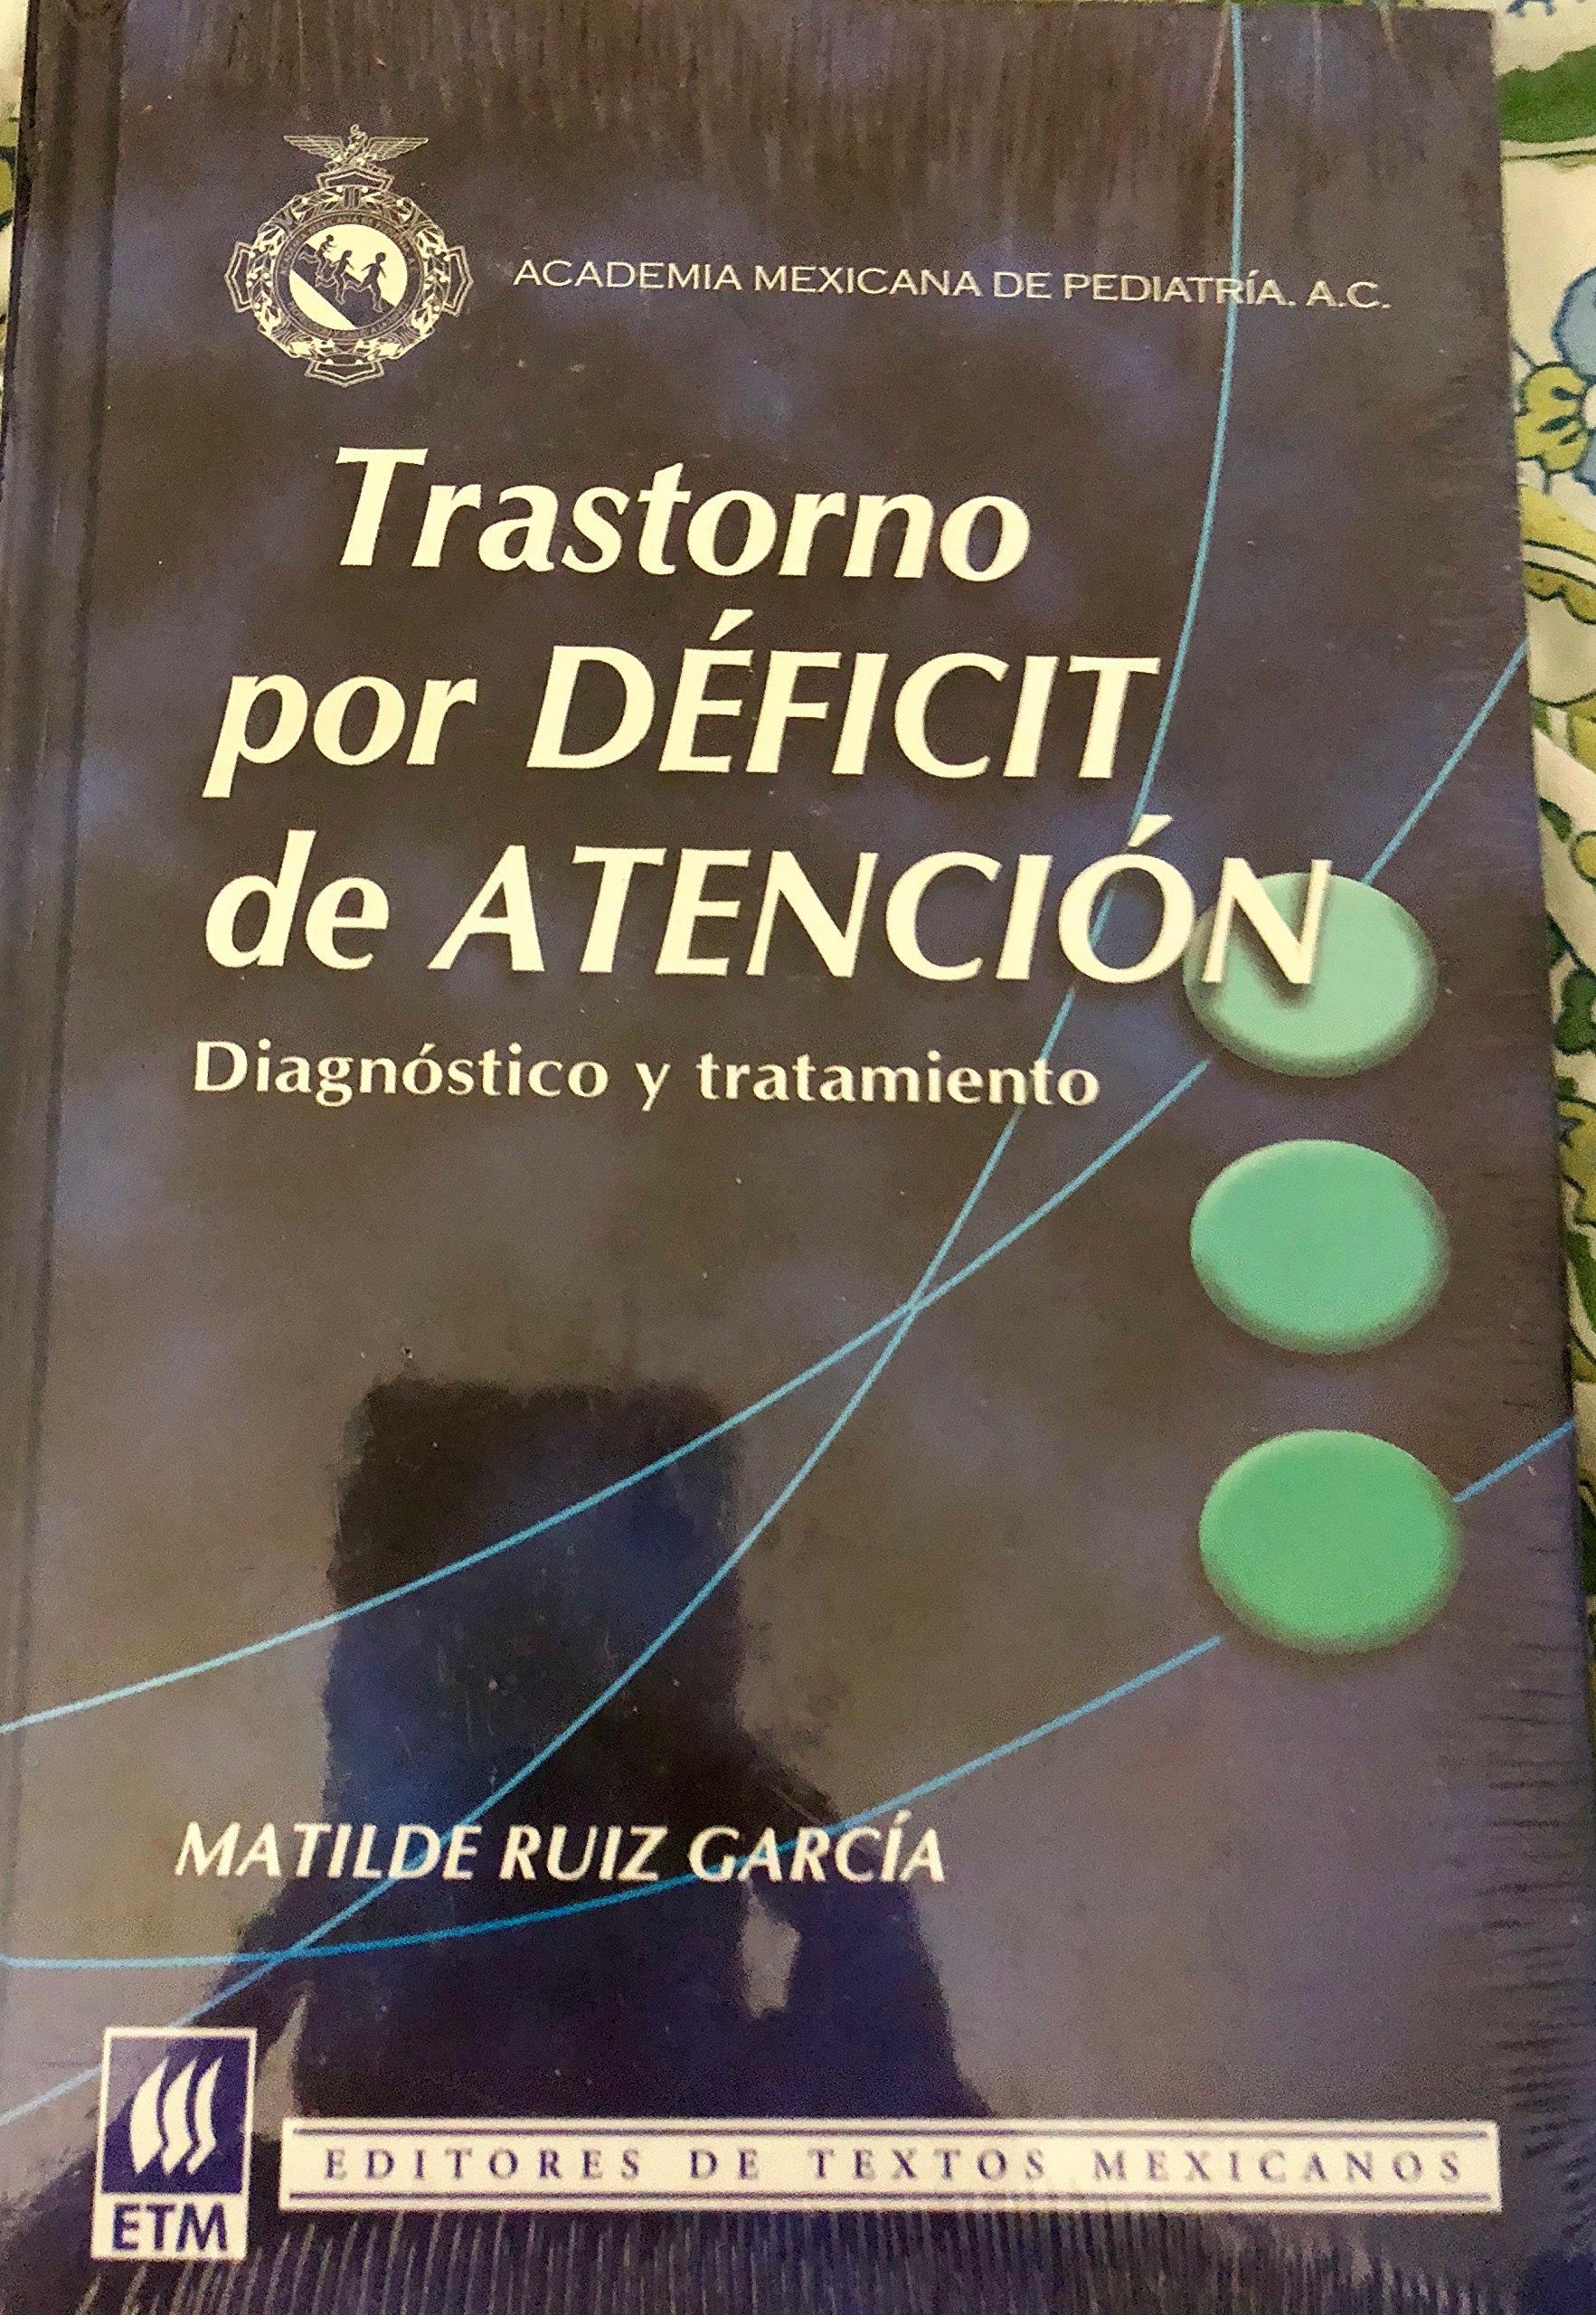 De trastorno tratamiento deficit por atencion